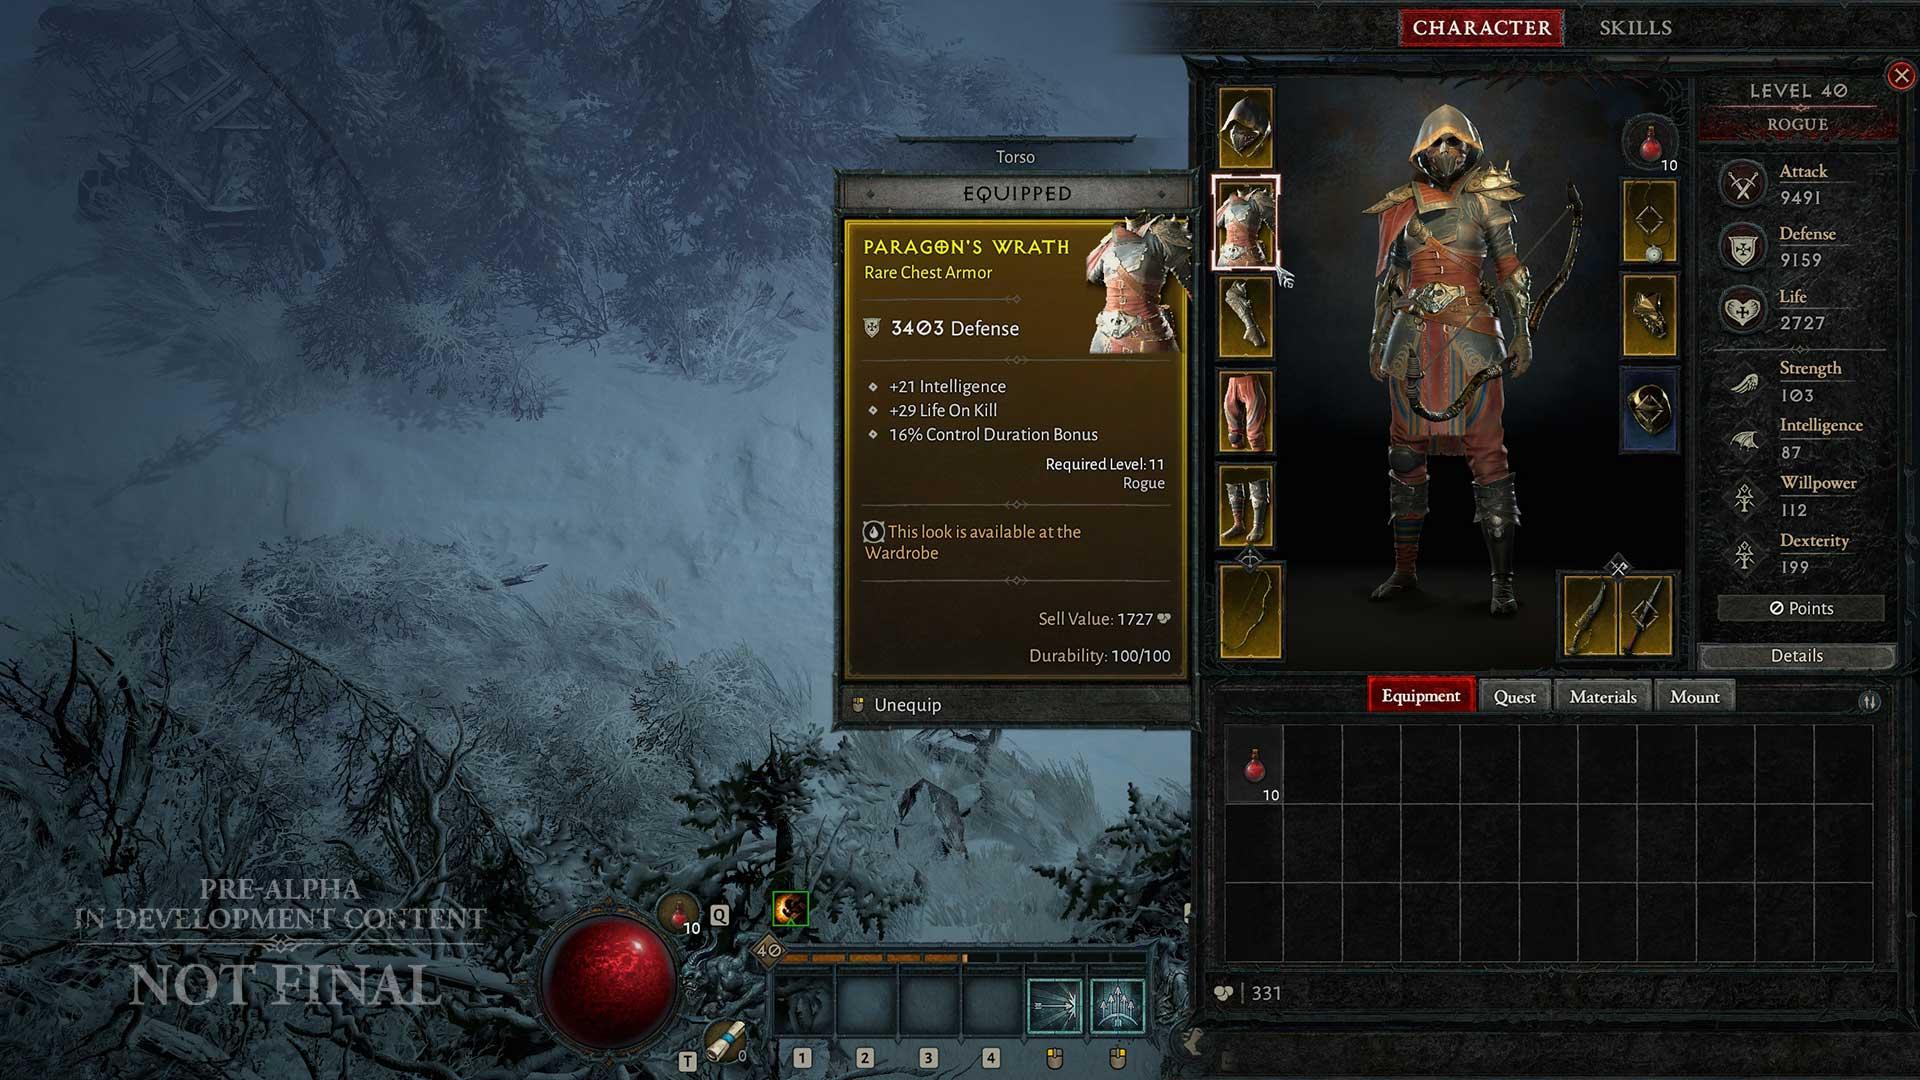 Inventar der Rogue in Diablo 4